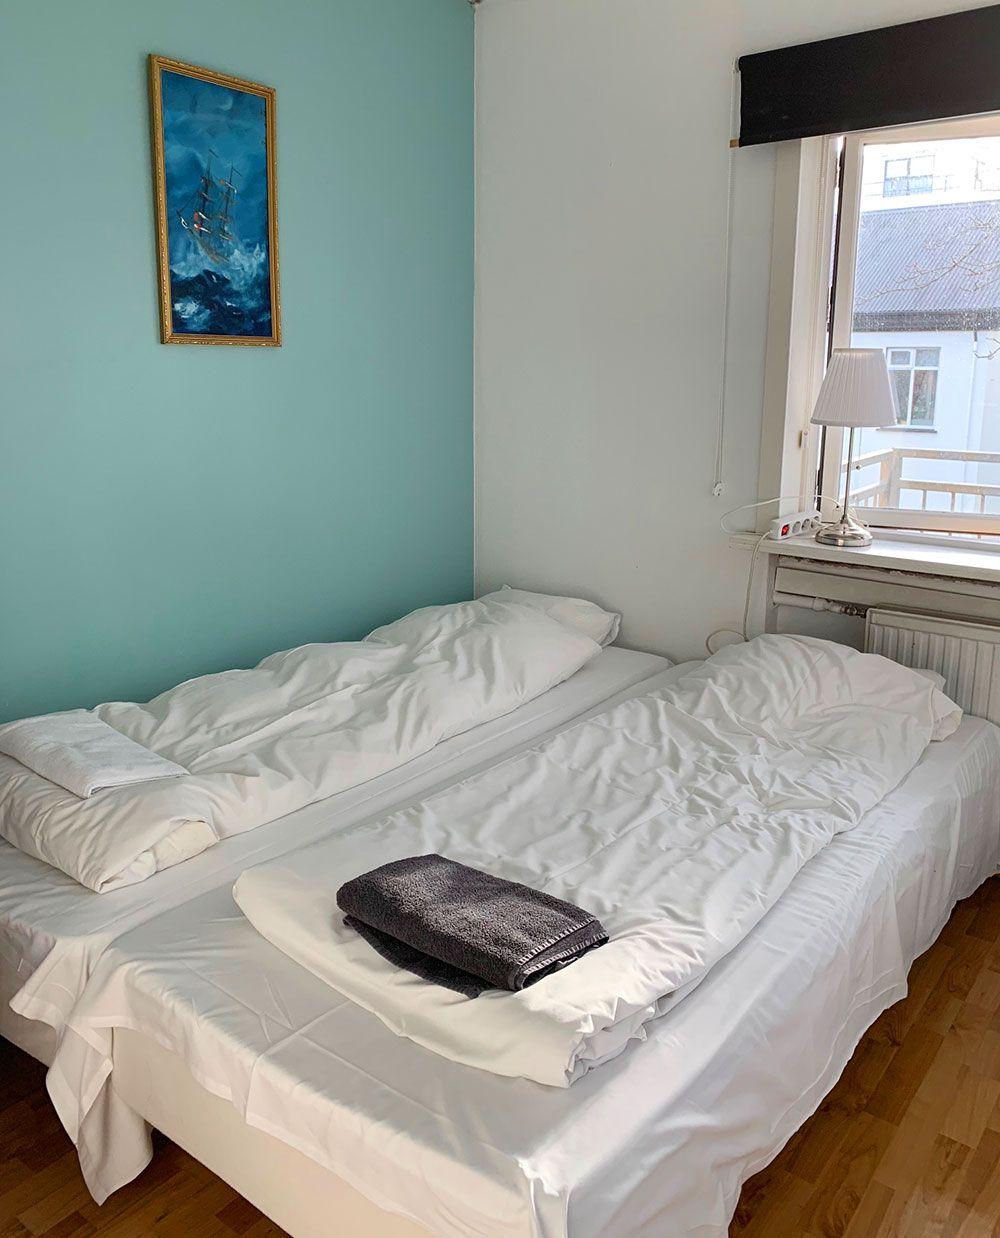 Alojamiento en Islandia - Loki Guesthouse - Habitación